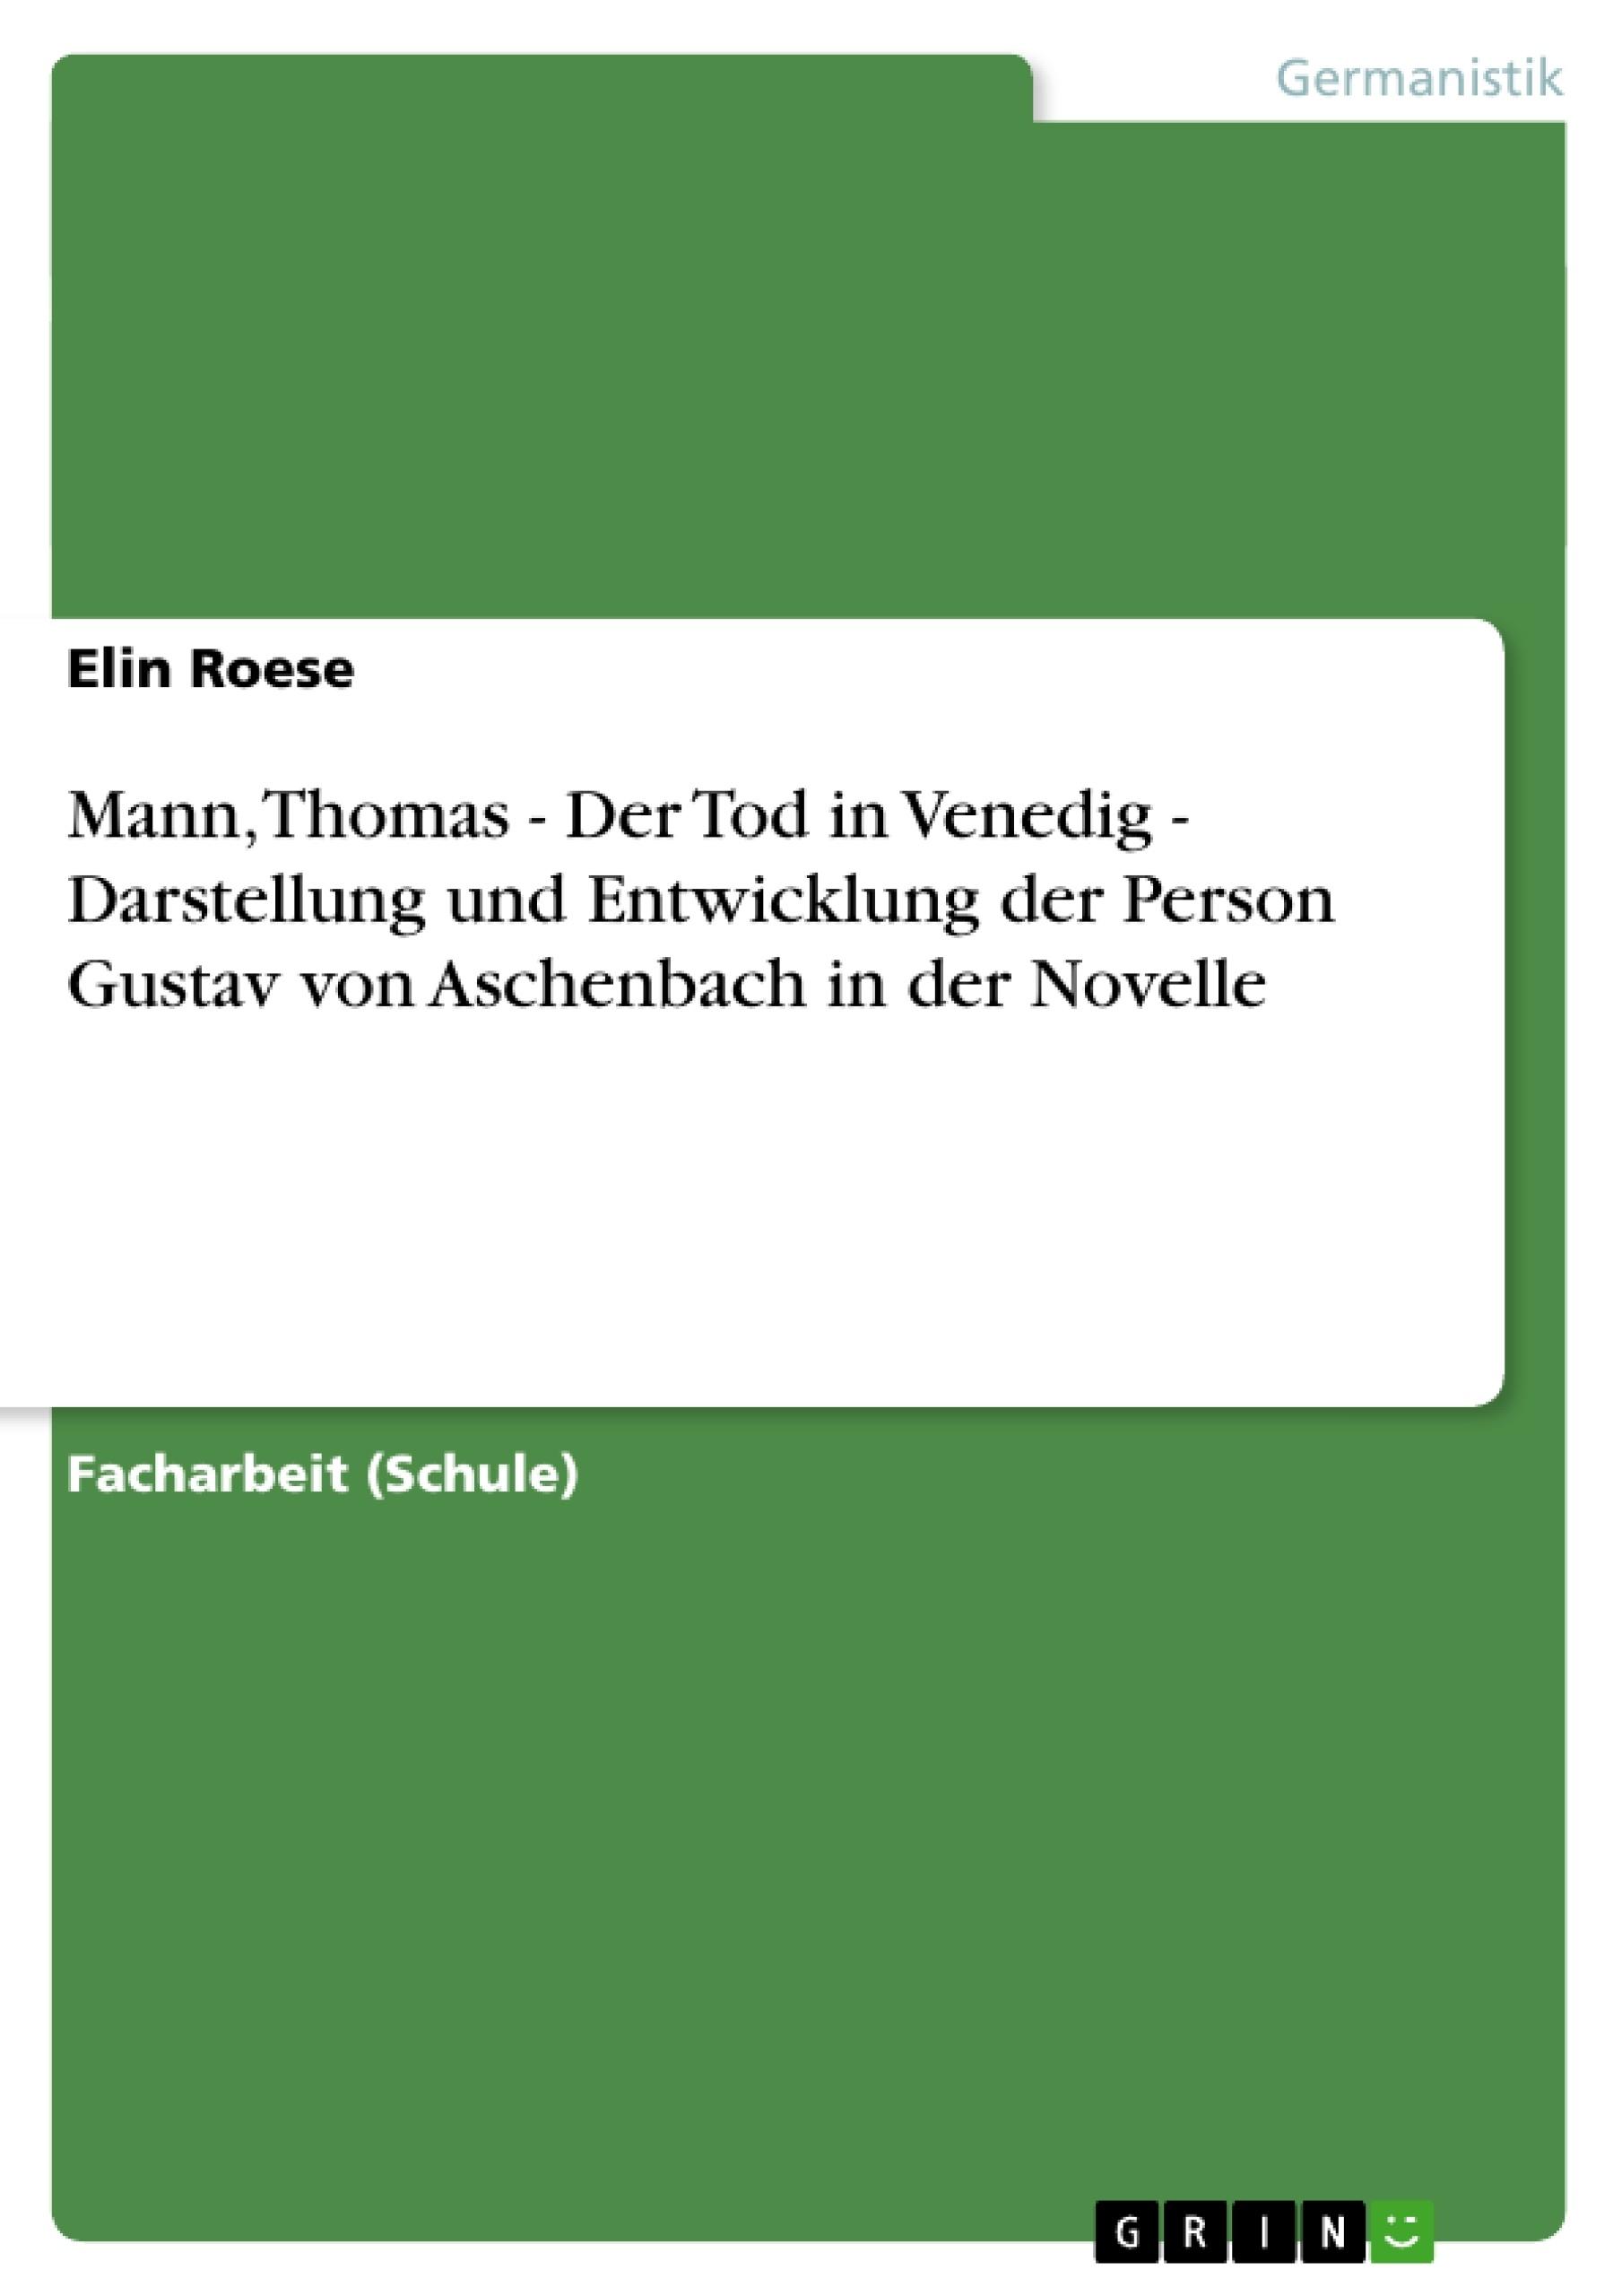 Titel: Mann, Thomas - Der Tod in Venedig - Darstellung und Entwicklung der Person Gustav von Aschenbach in der Novelle